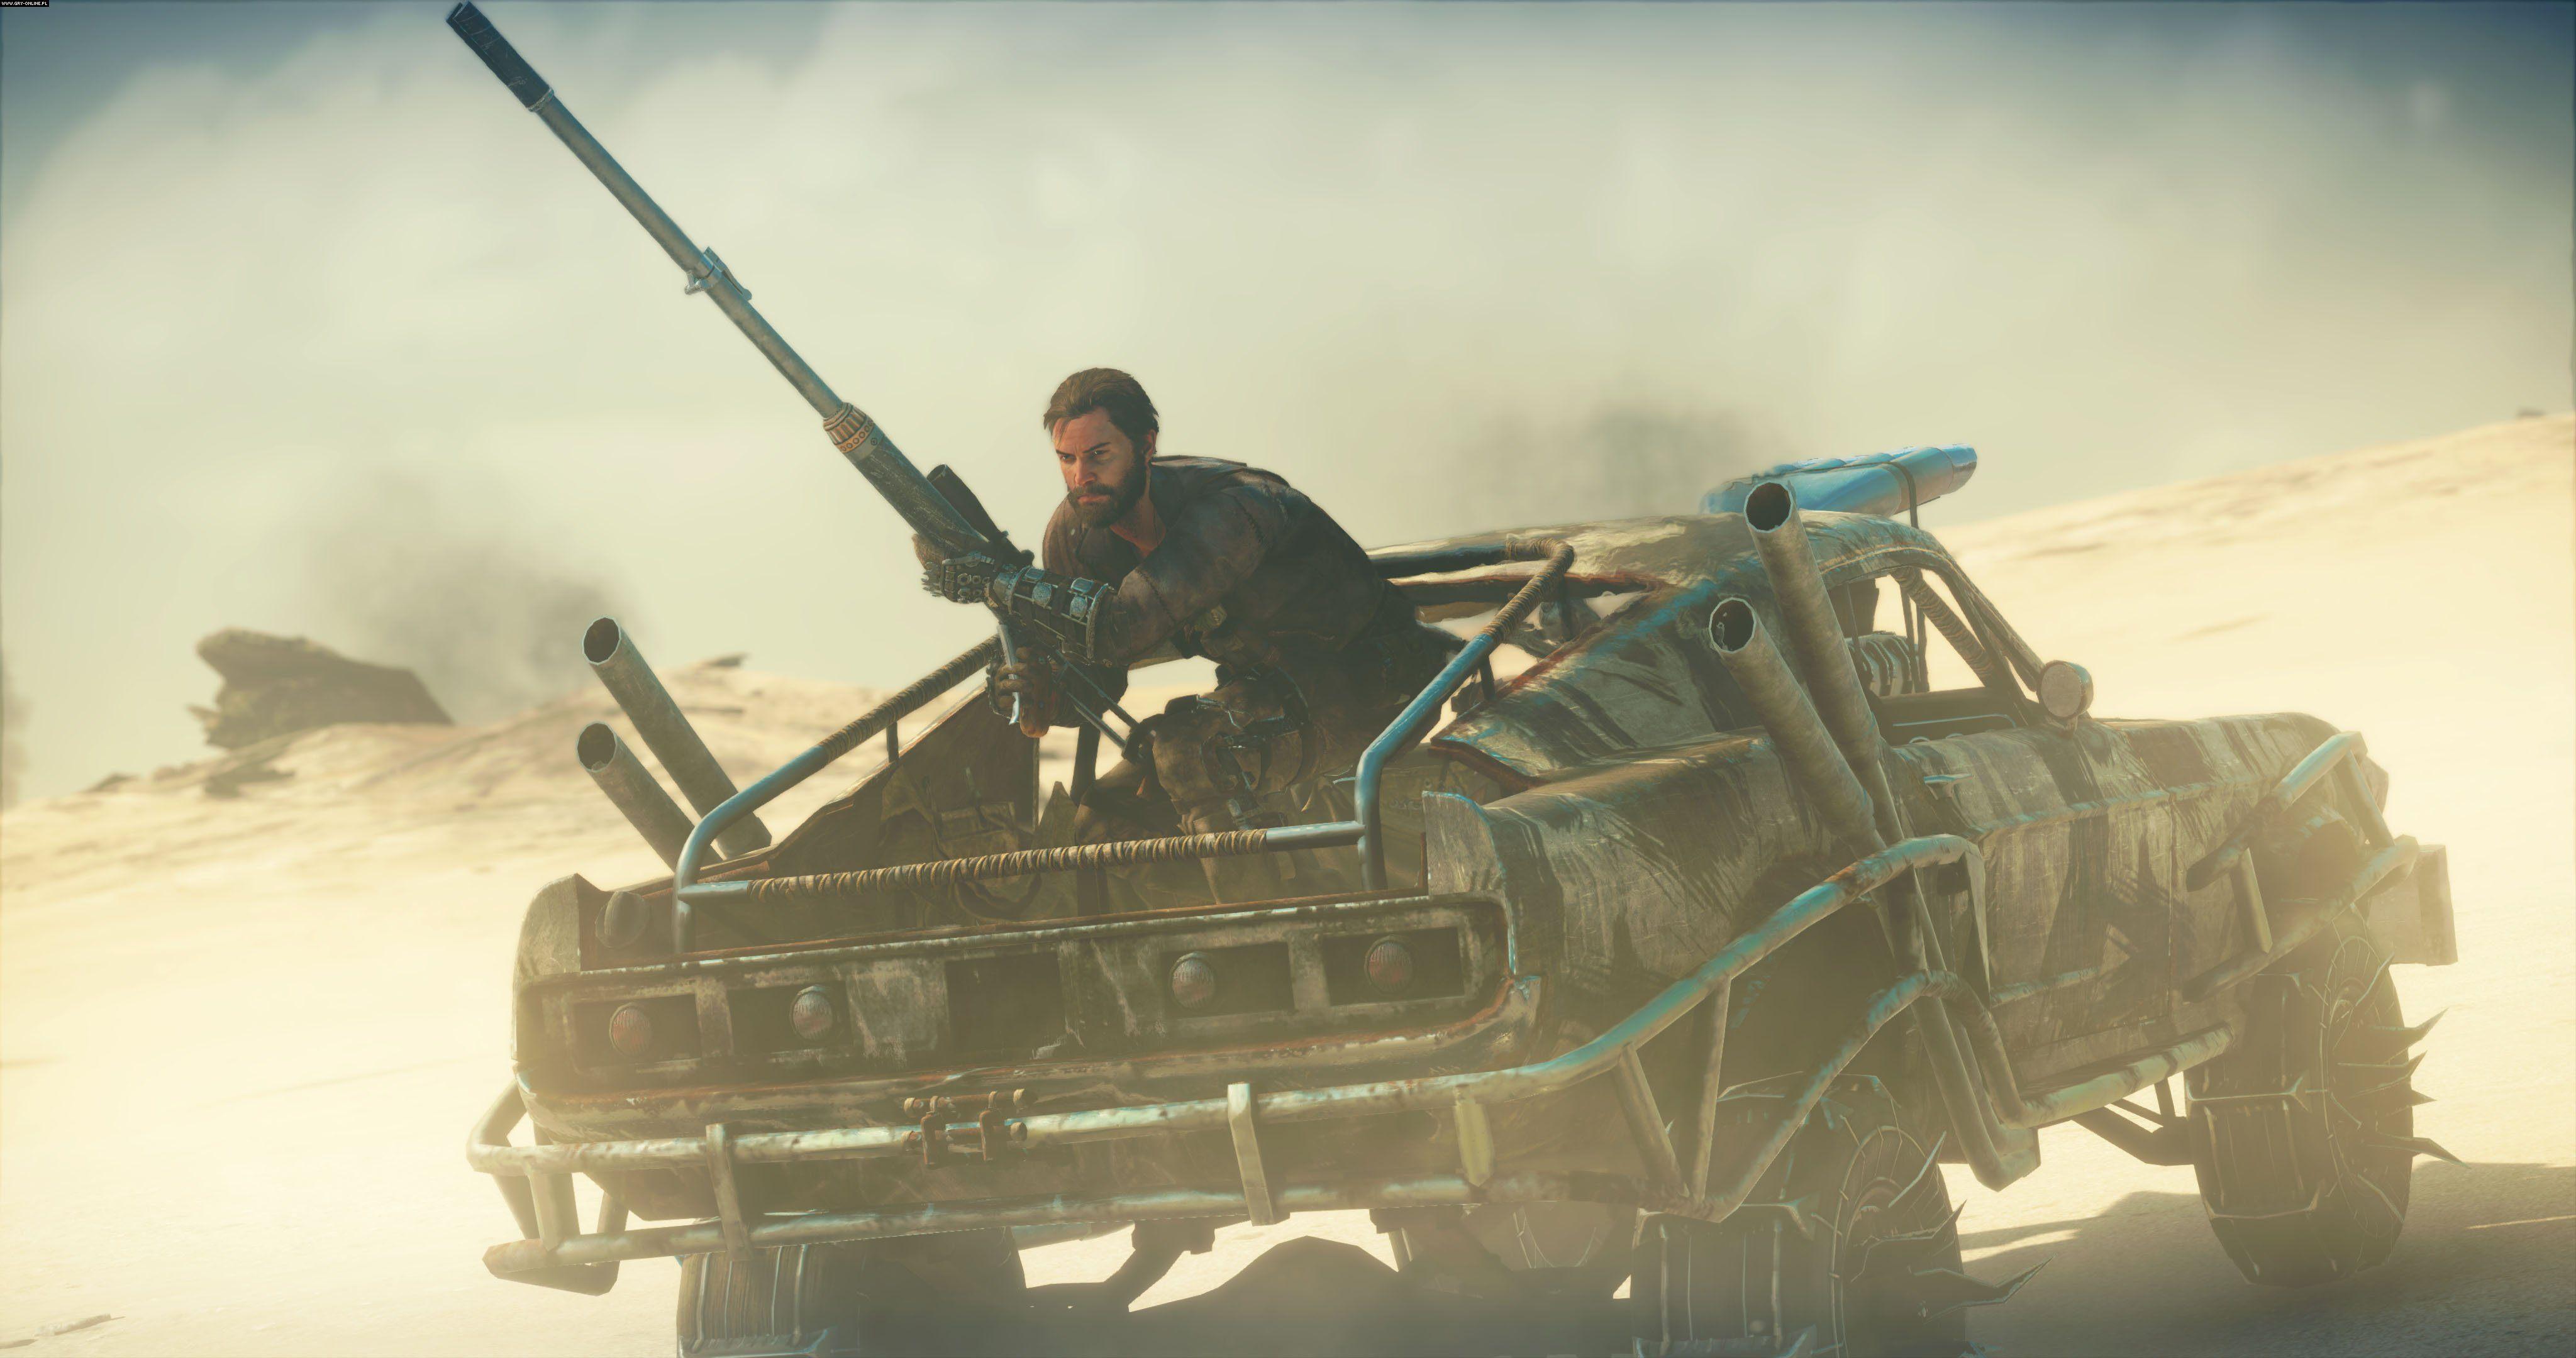 Mad Max image #4